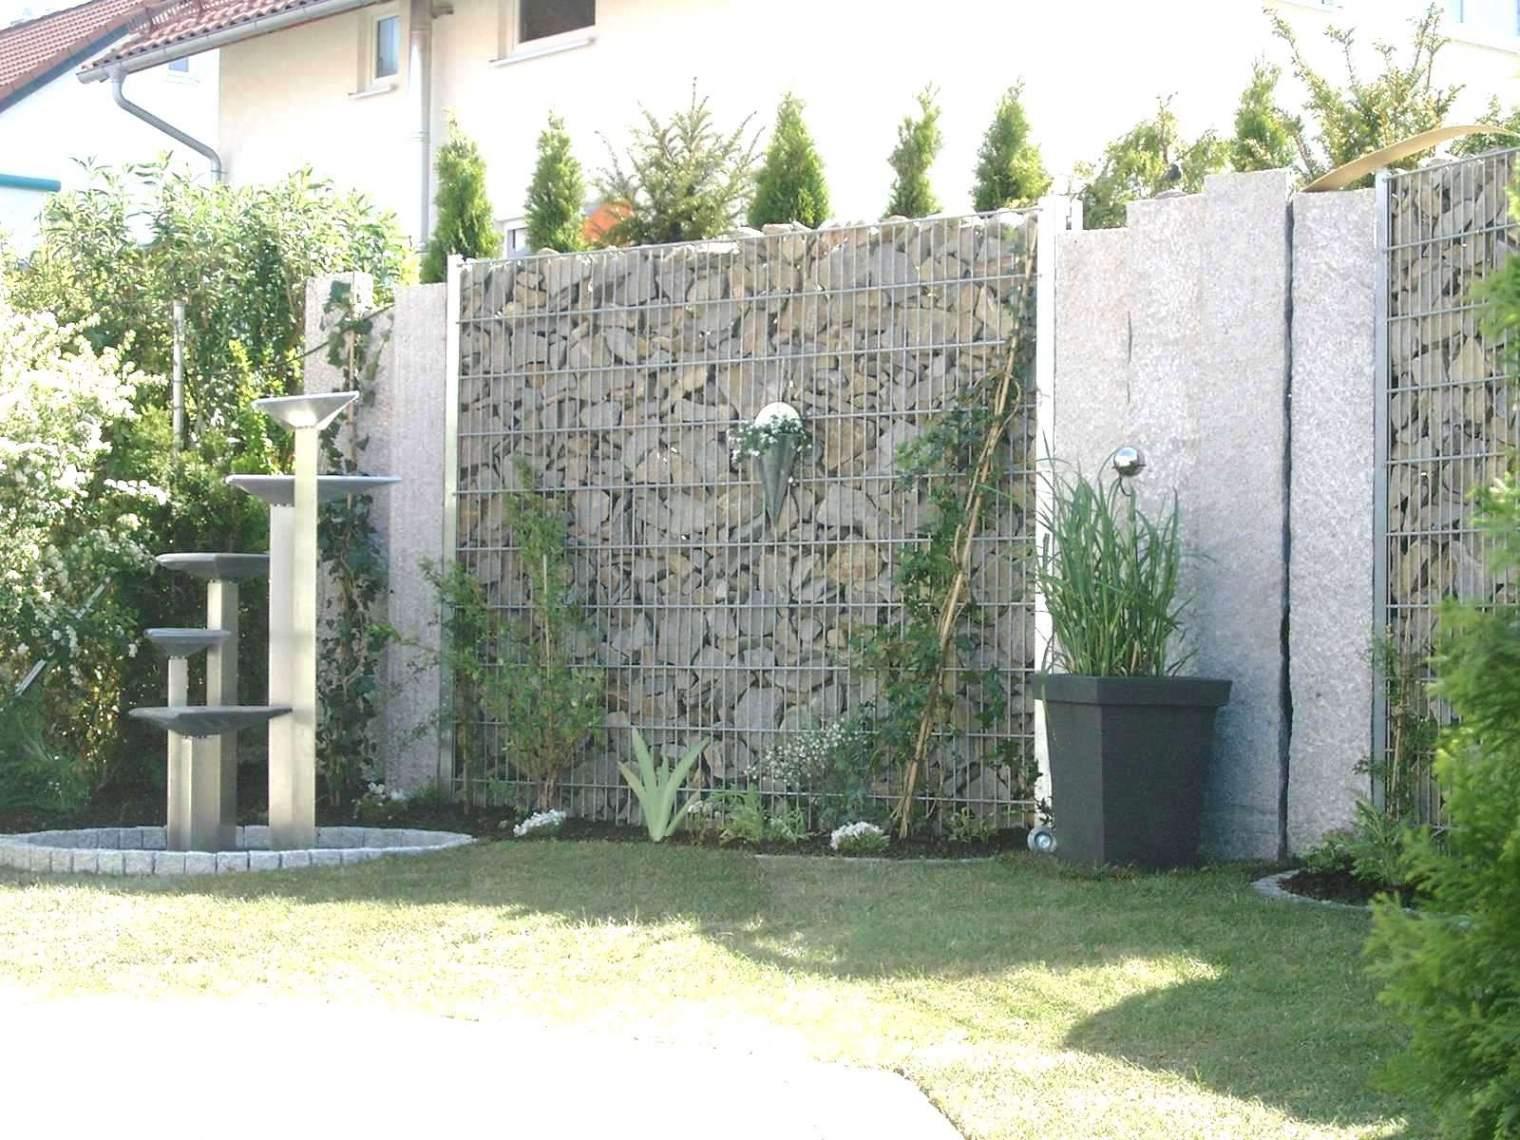 sichtschutz garten pflanzen das beste von inspirierend terrasse garten pflanzen sichtschutz garten pflanzen sichtschutz